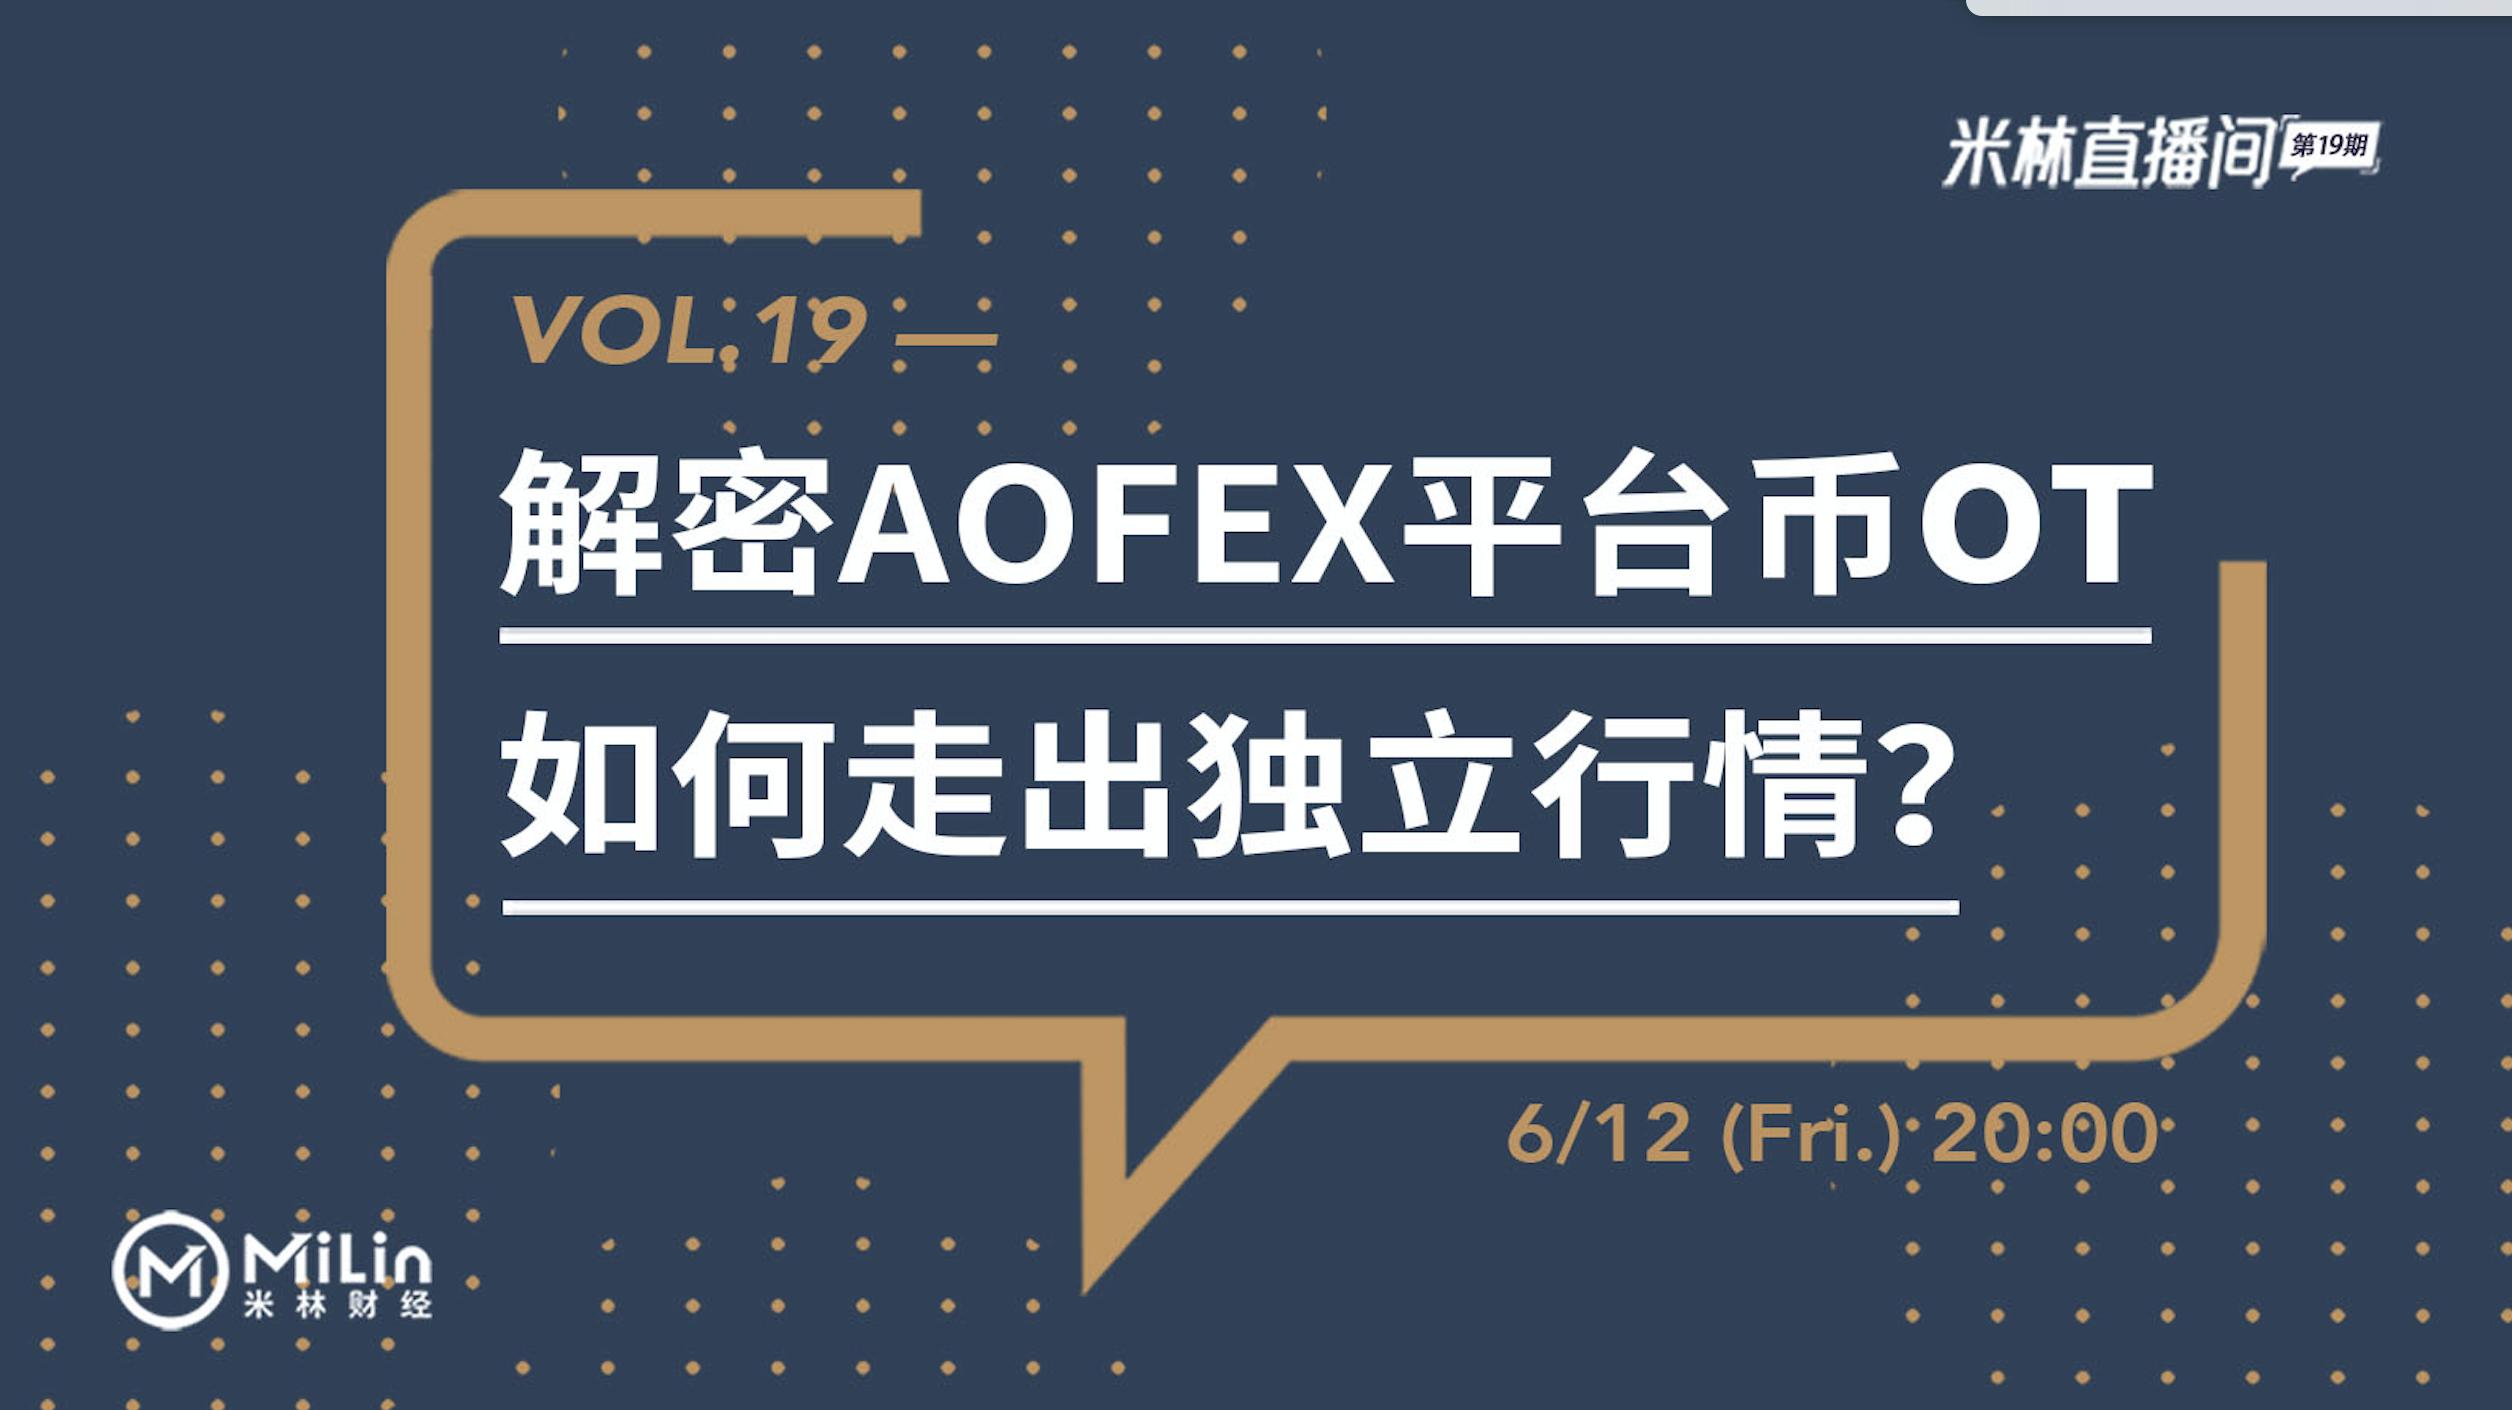 解密AOFEX平台币OT,如何走出独立行情?【米林直播间NO.19】